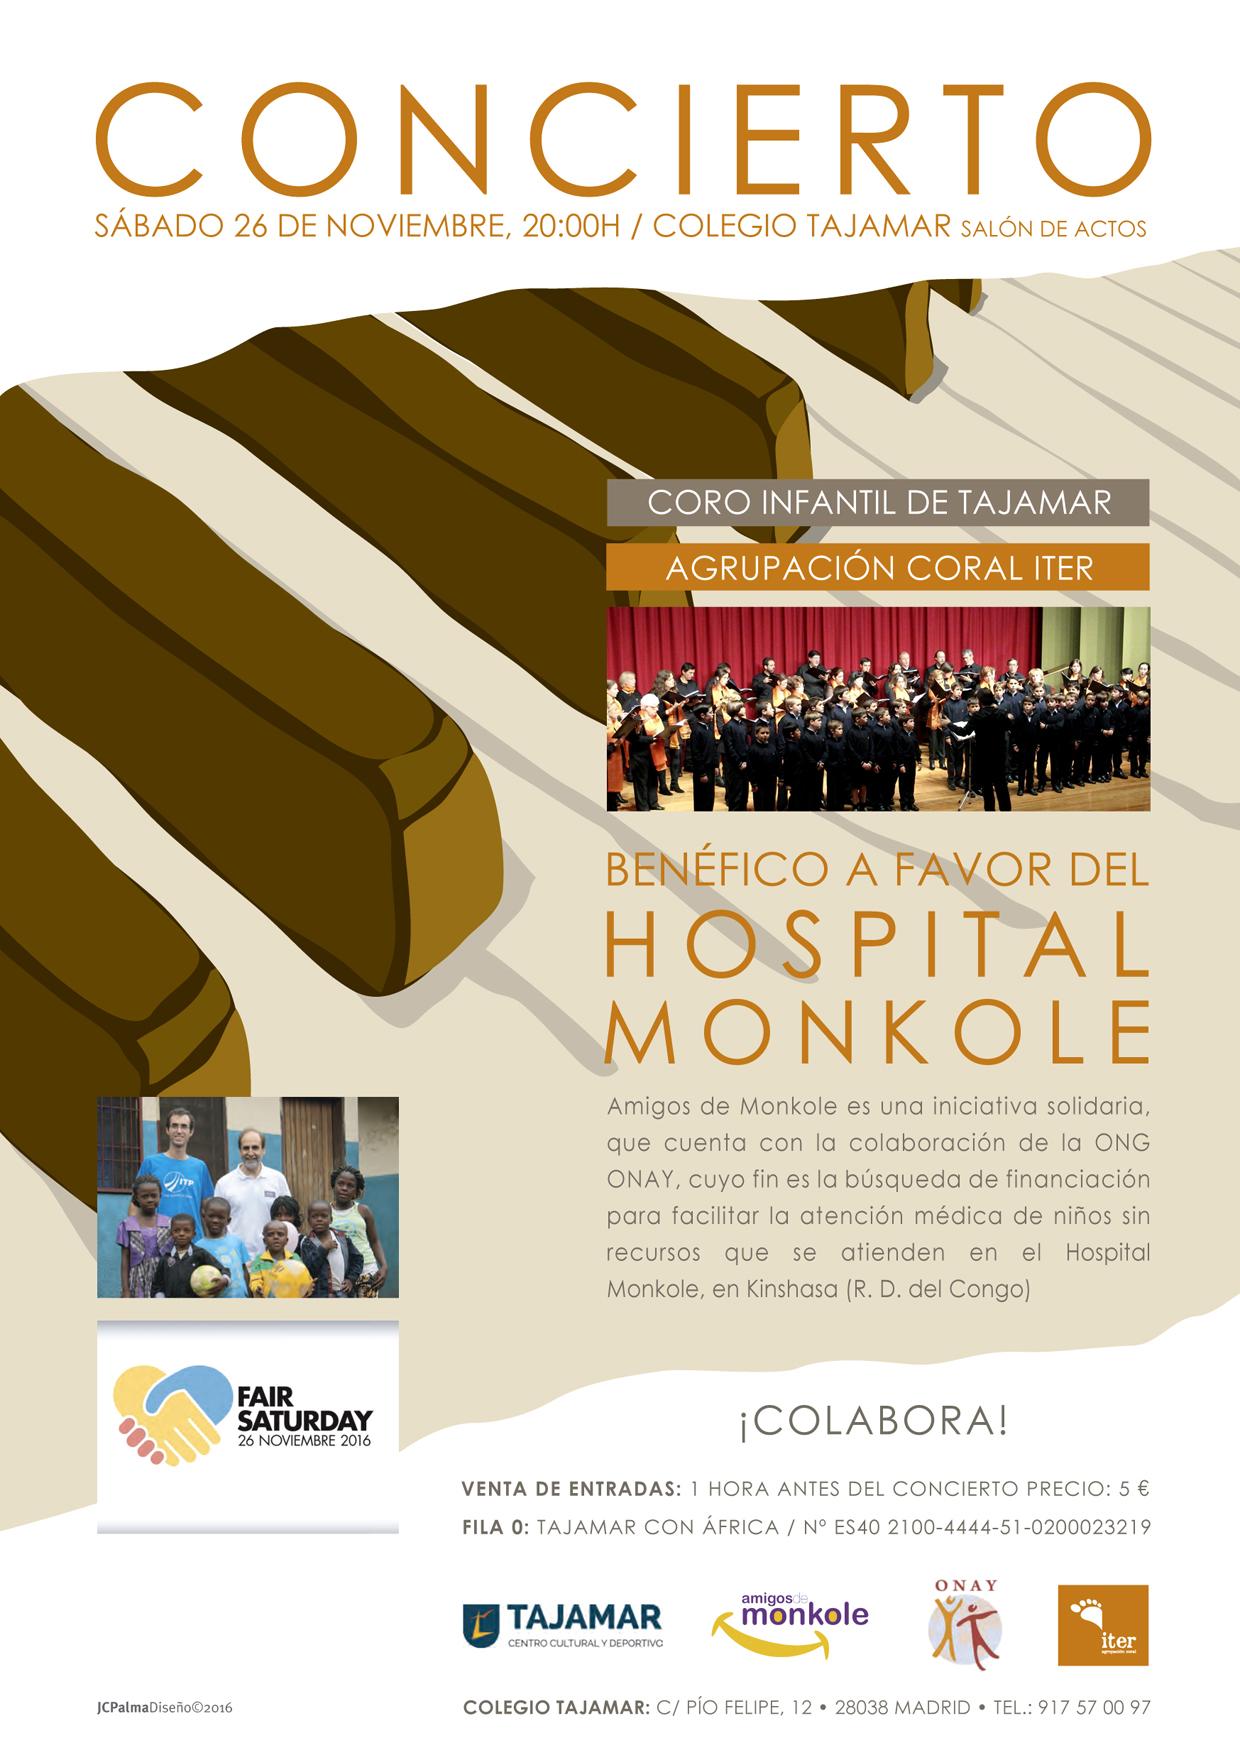 Monkole - Fundación Tajamar